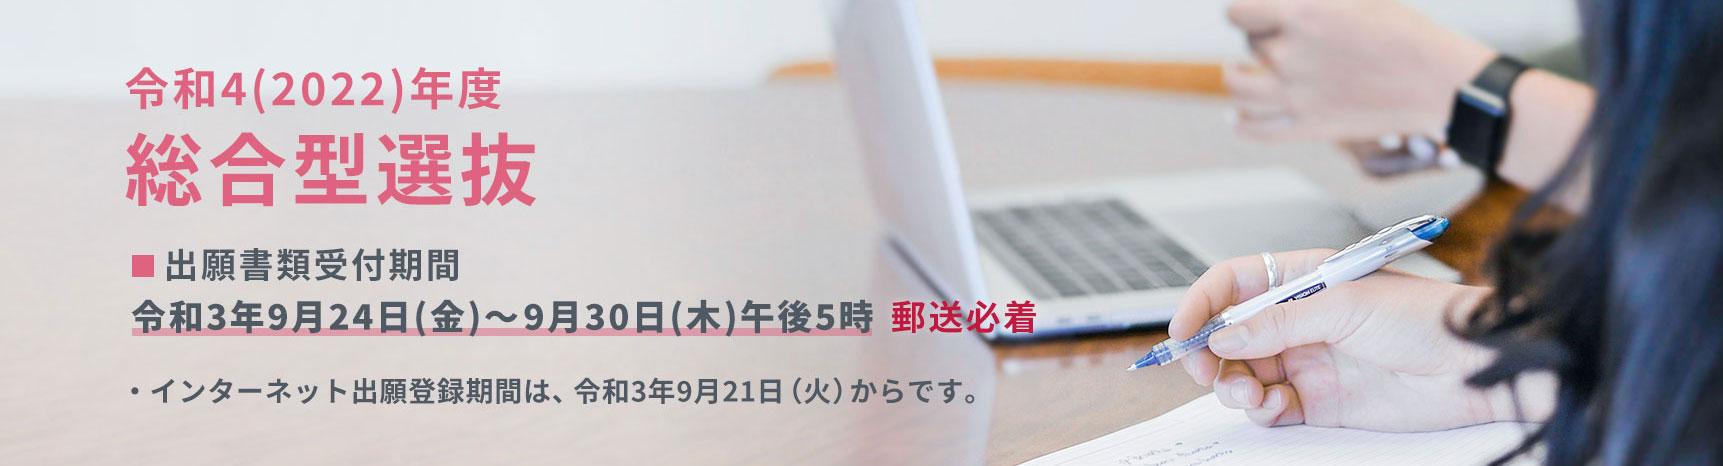 弘前大学総合型選抜